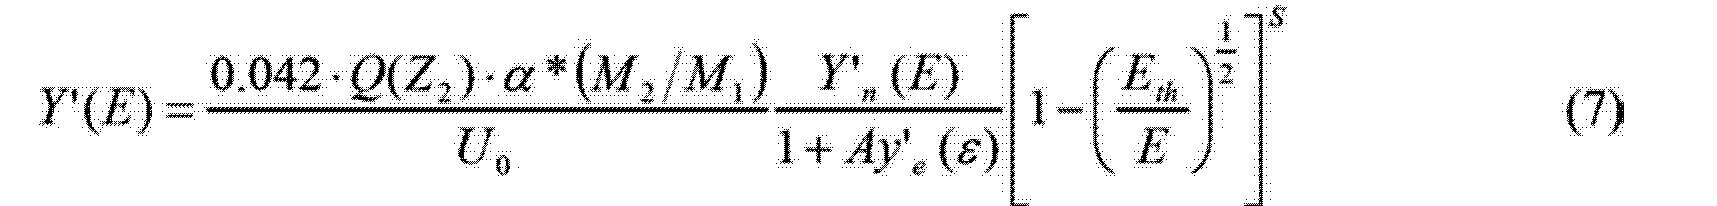 Figure CN102644574BD00072